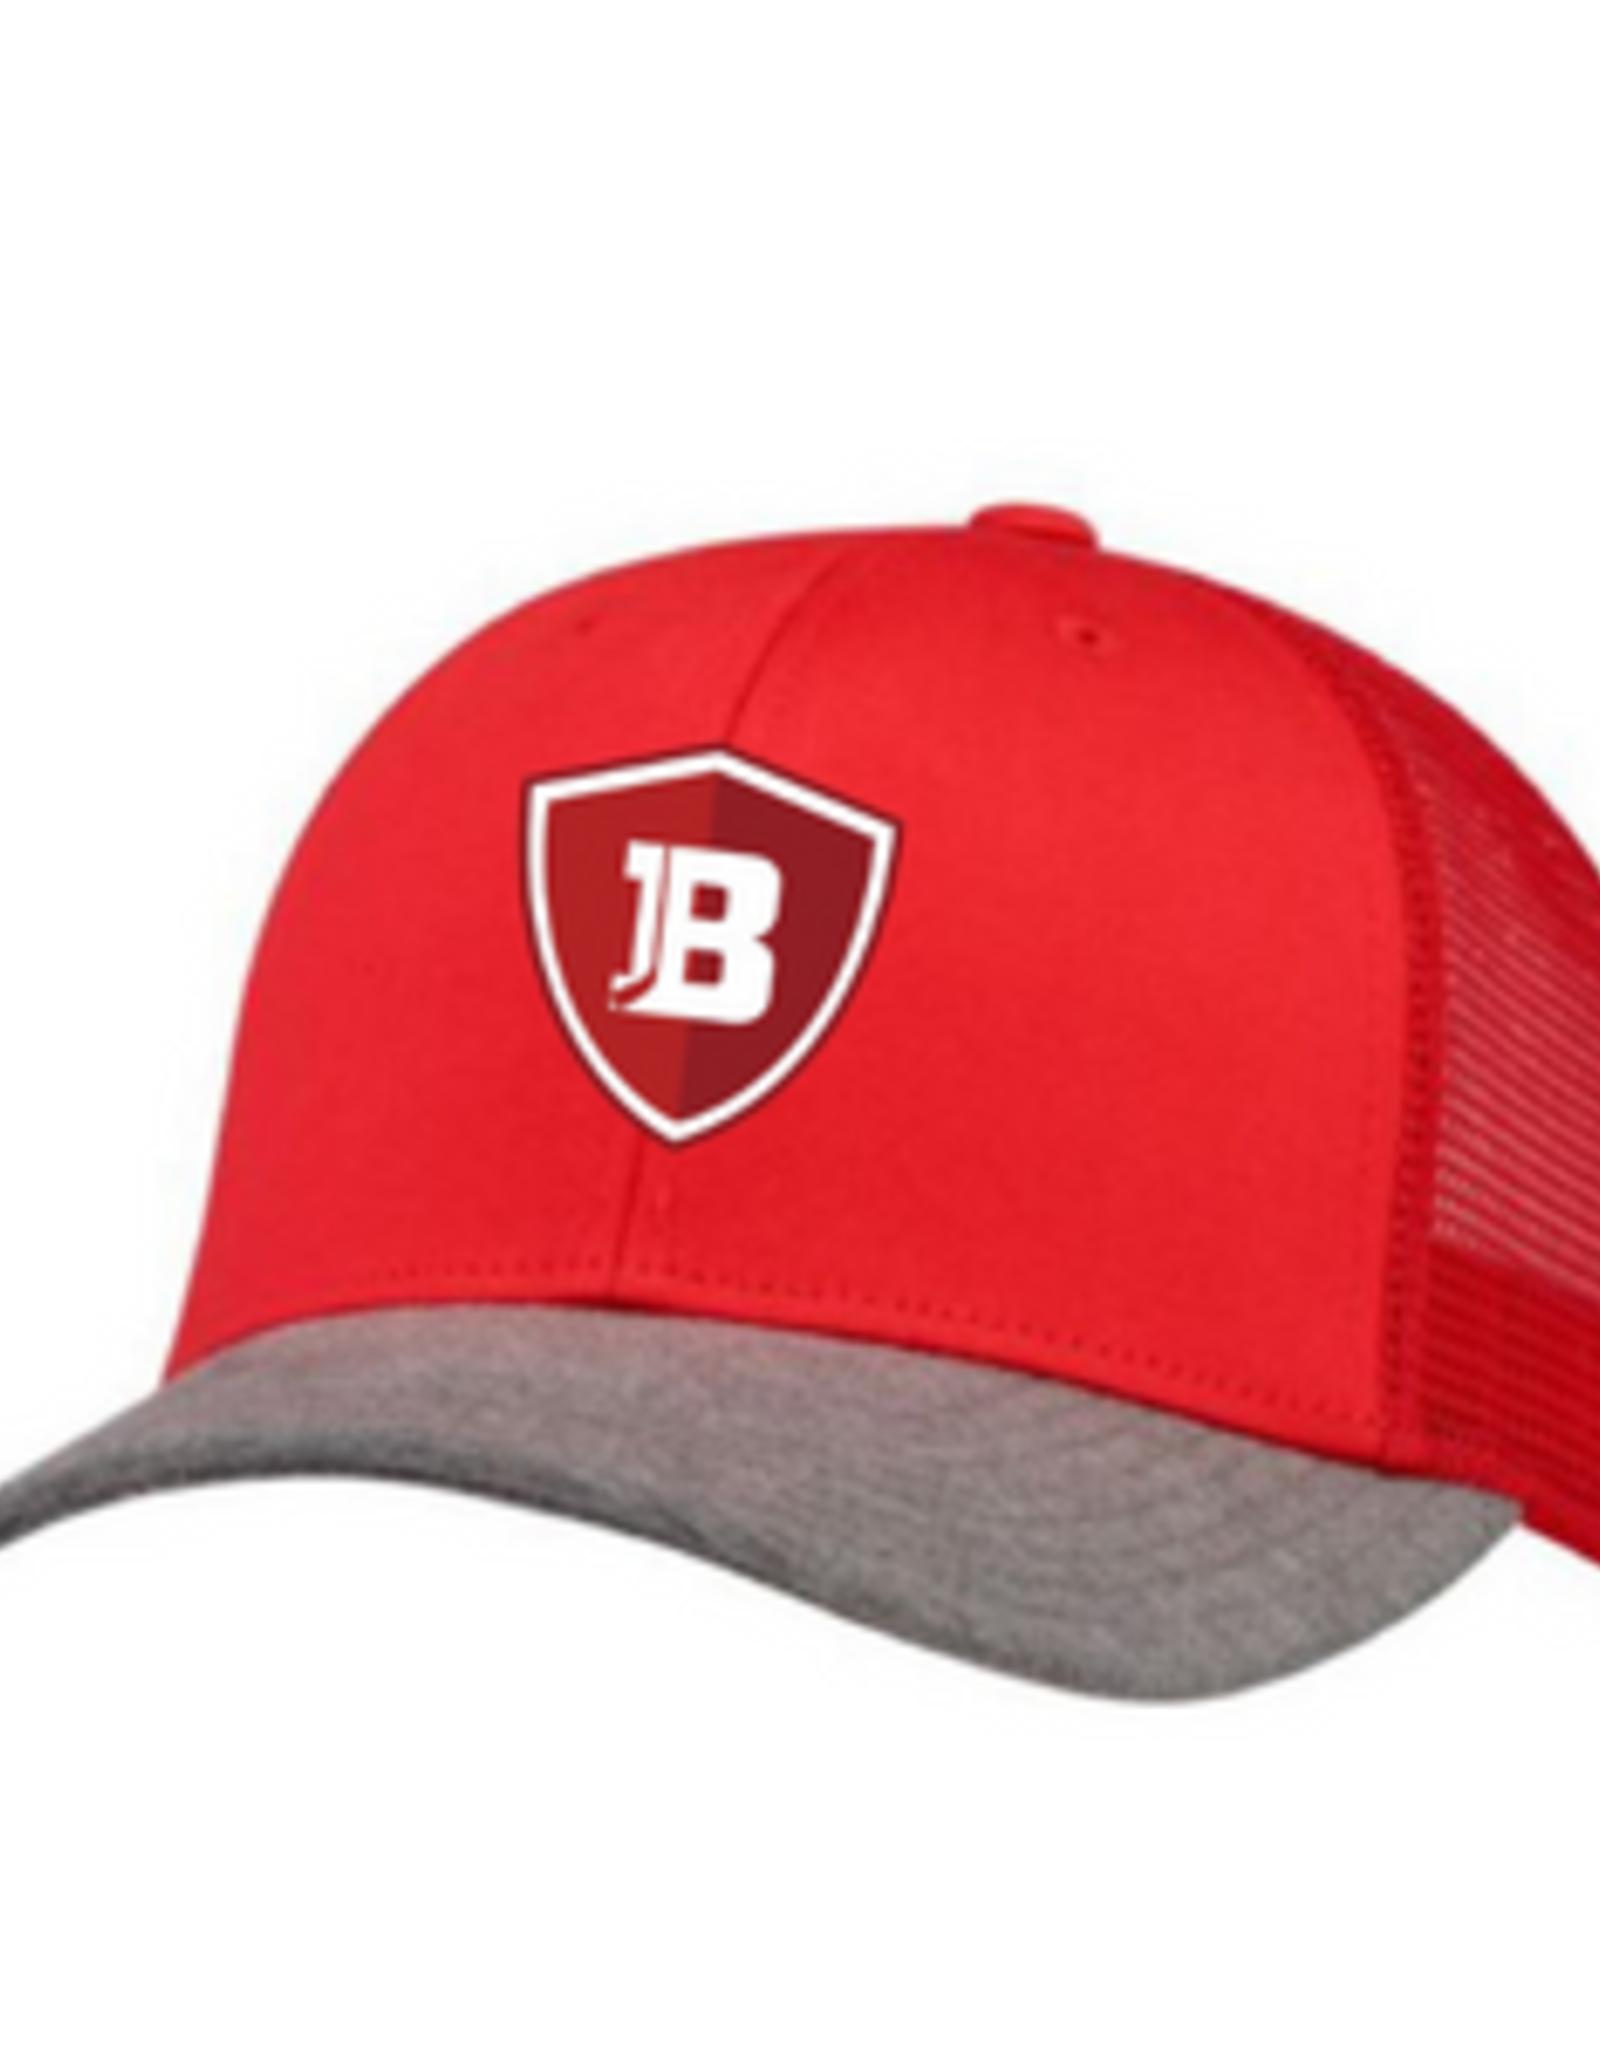 CCM Bradley CCM Red/Grey Trucker Hat (OSFA)